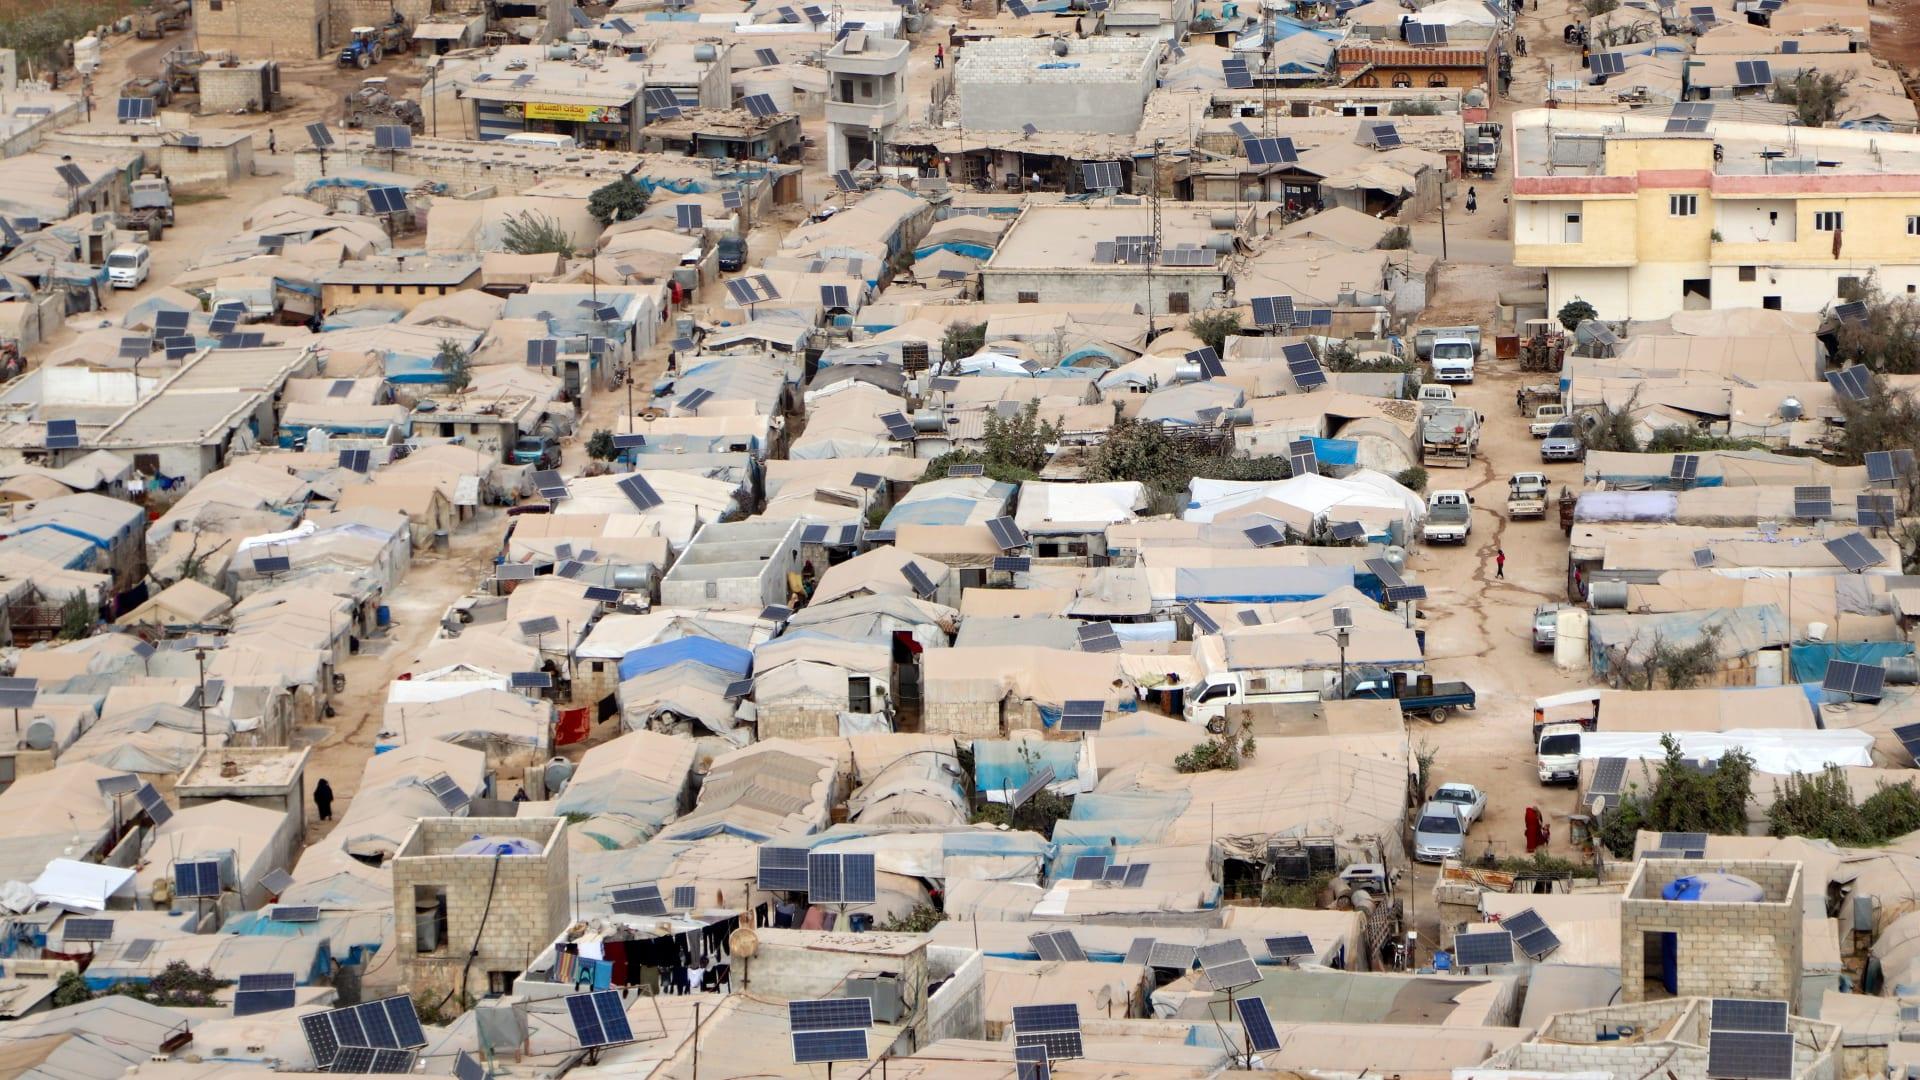 تقرير جديد: جائحة كورونا ضاعفت مستويات الفقر بين اللاجئين السوريين